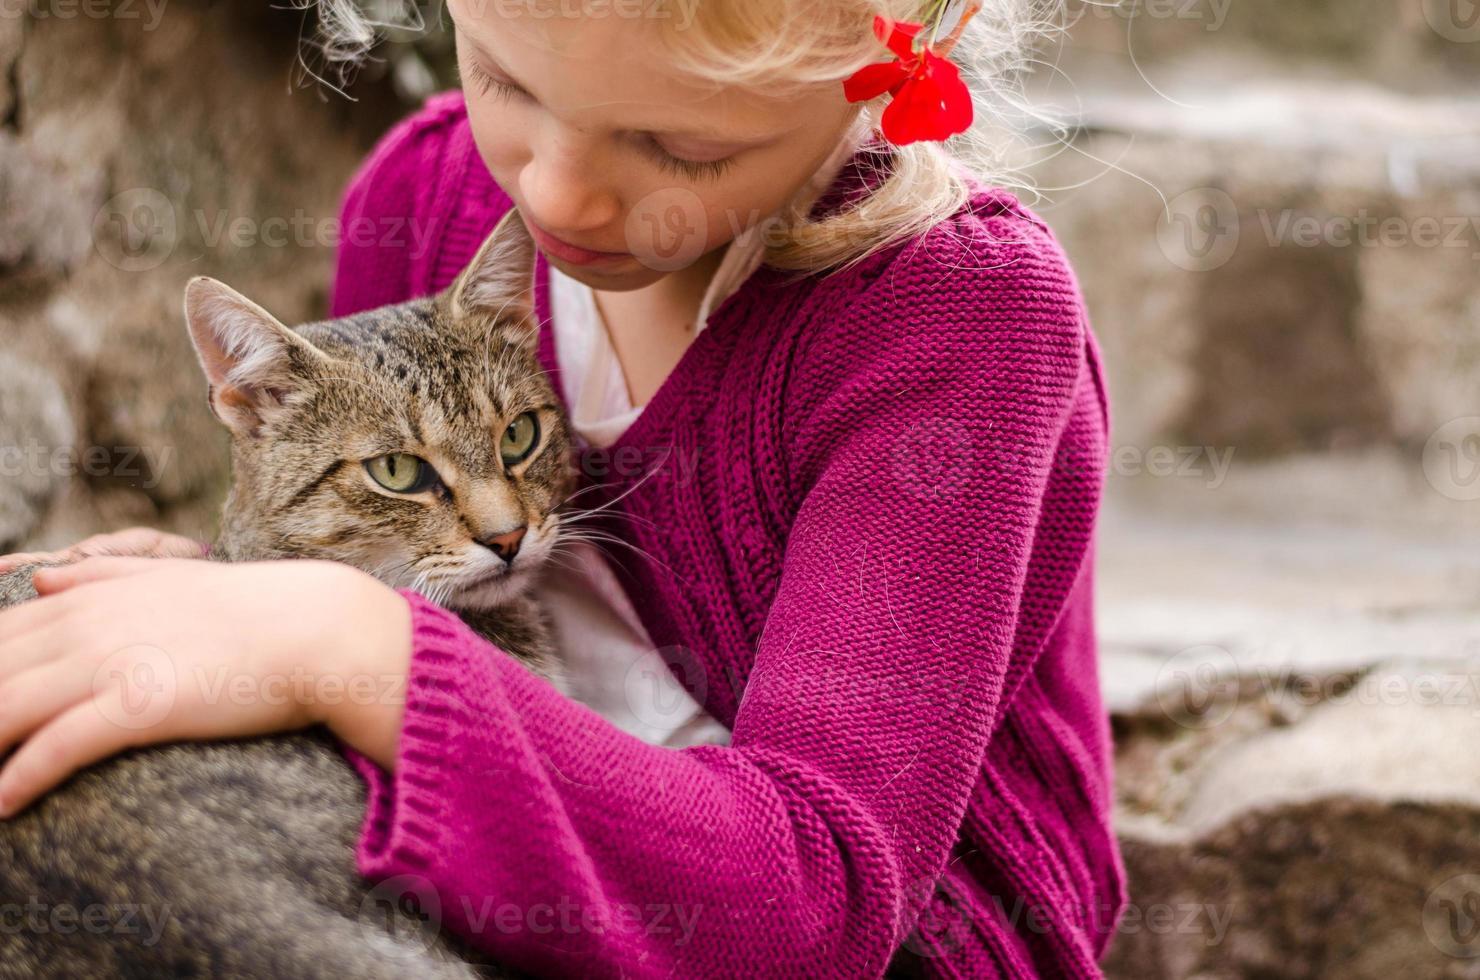 amizade de menina e gato foto